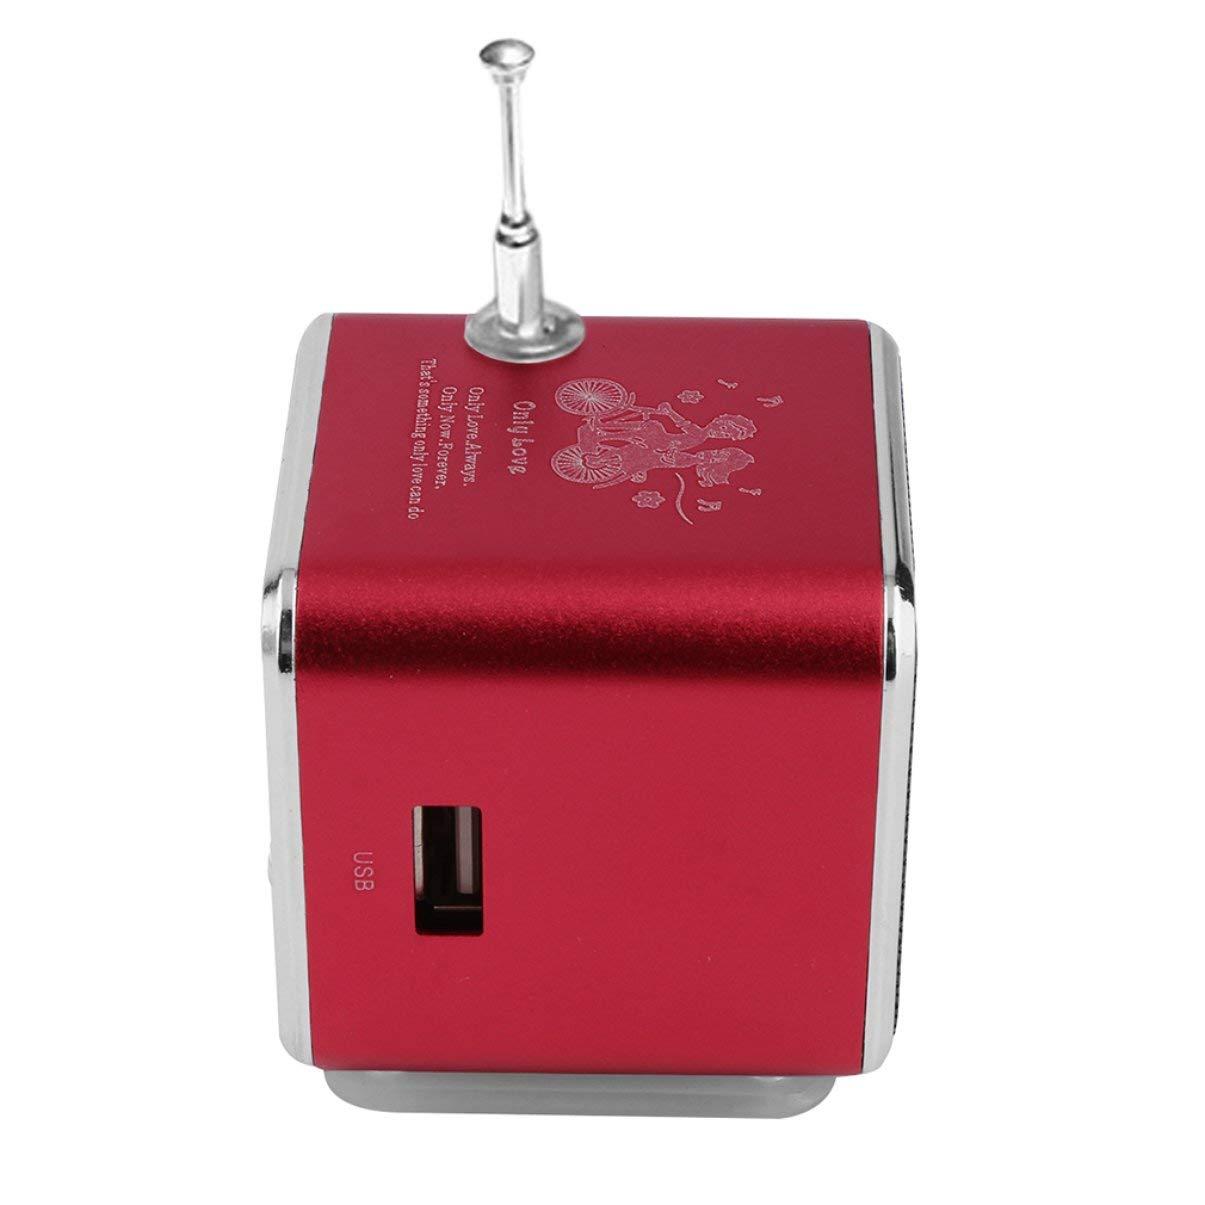 4 Ricevitore radio FM rosso Altoparlante portatile Super Mini stereo mini USB in lega di alluminio Ubwoofer Musica MP3